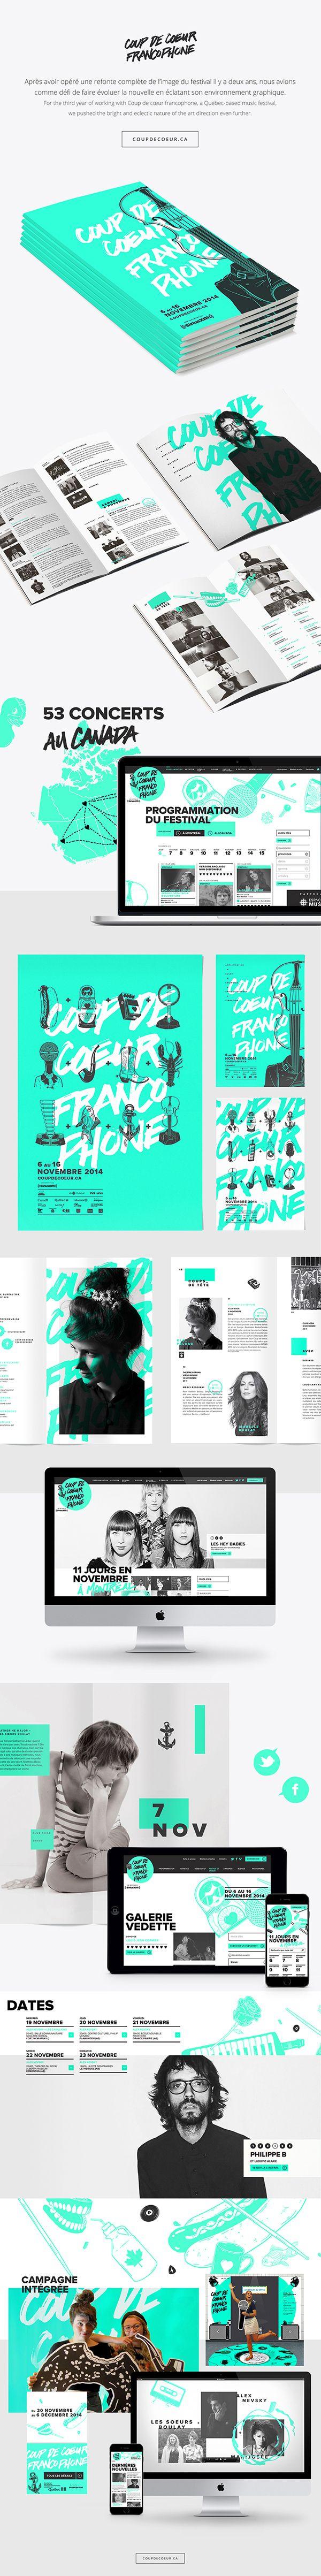 Coup de cœur francophone 2014 on Behance #mep #edition #webdesign